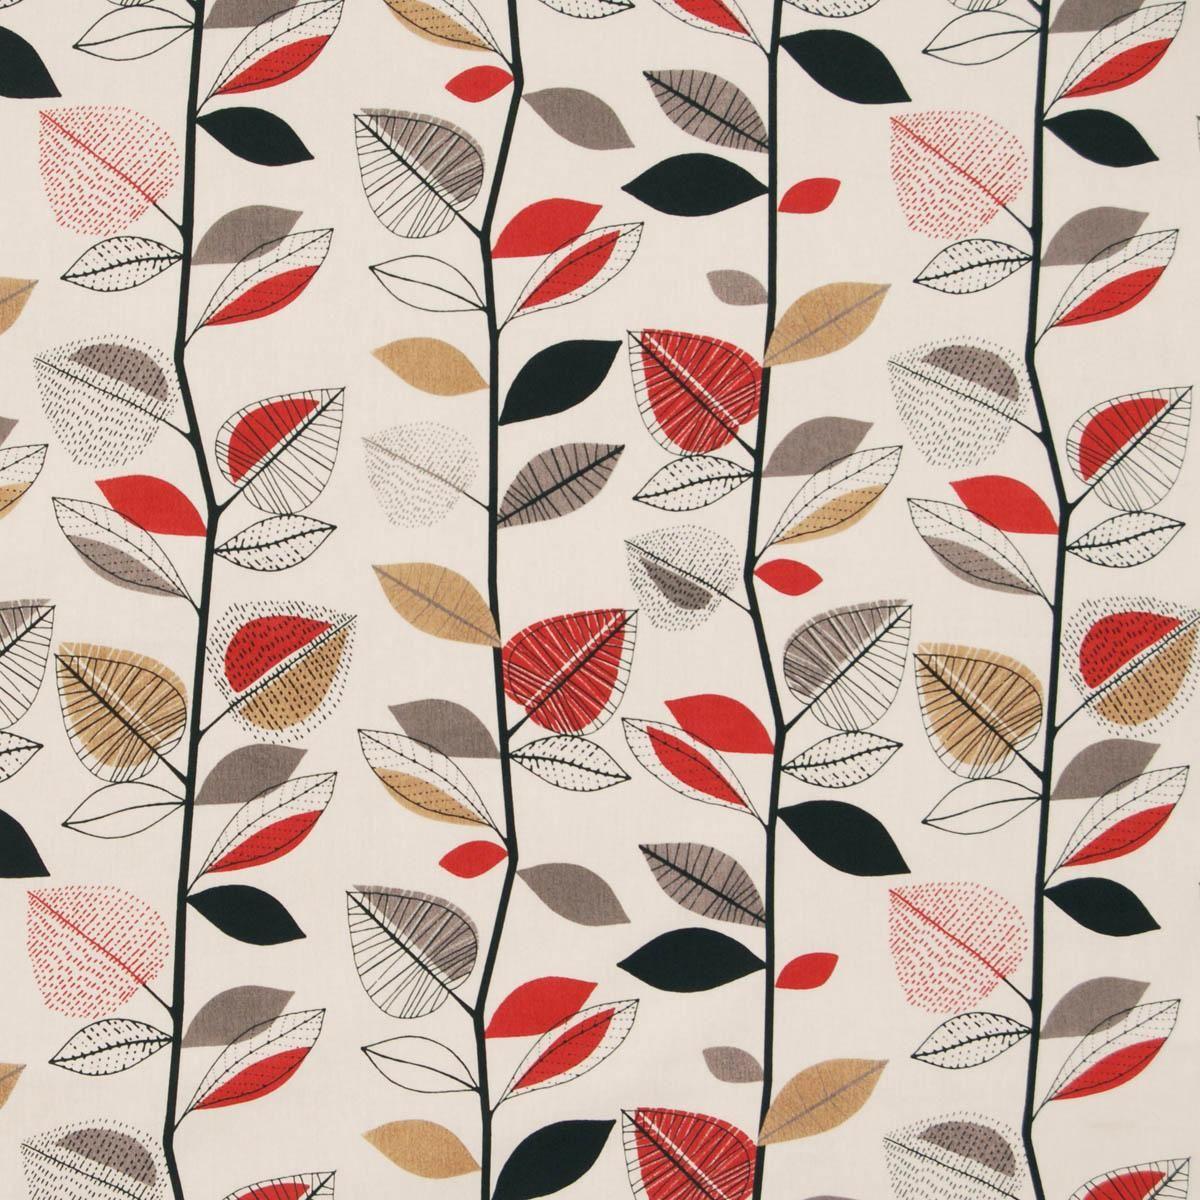 Autumn Leaves Curtain Fabric Red Berry Con Immagini Foglie Che